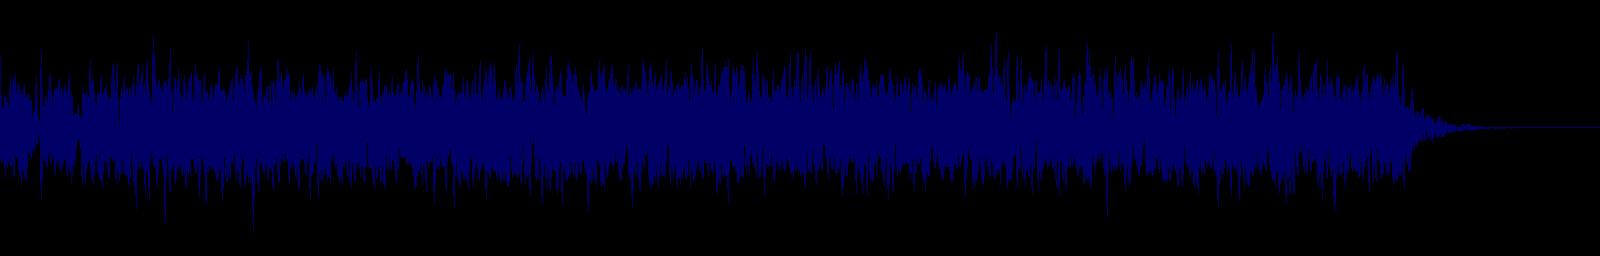 waveform of track #121339